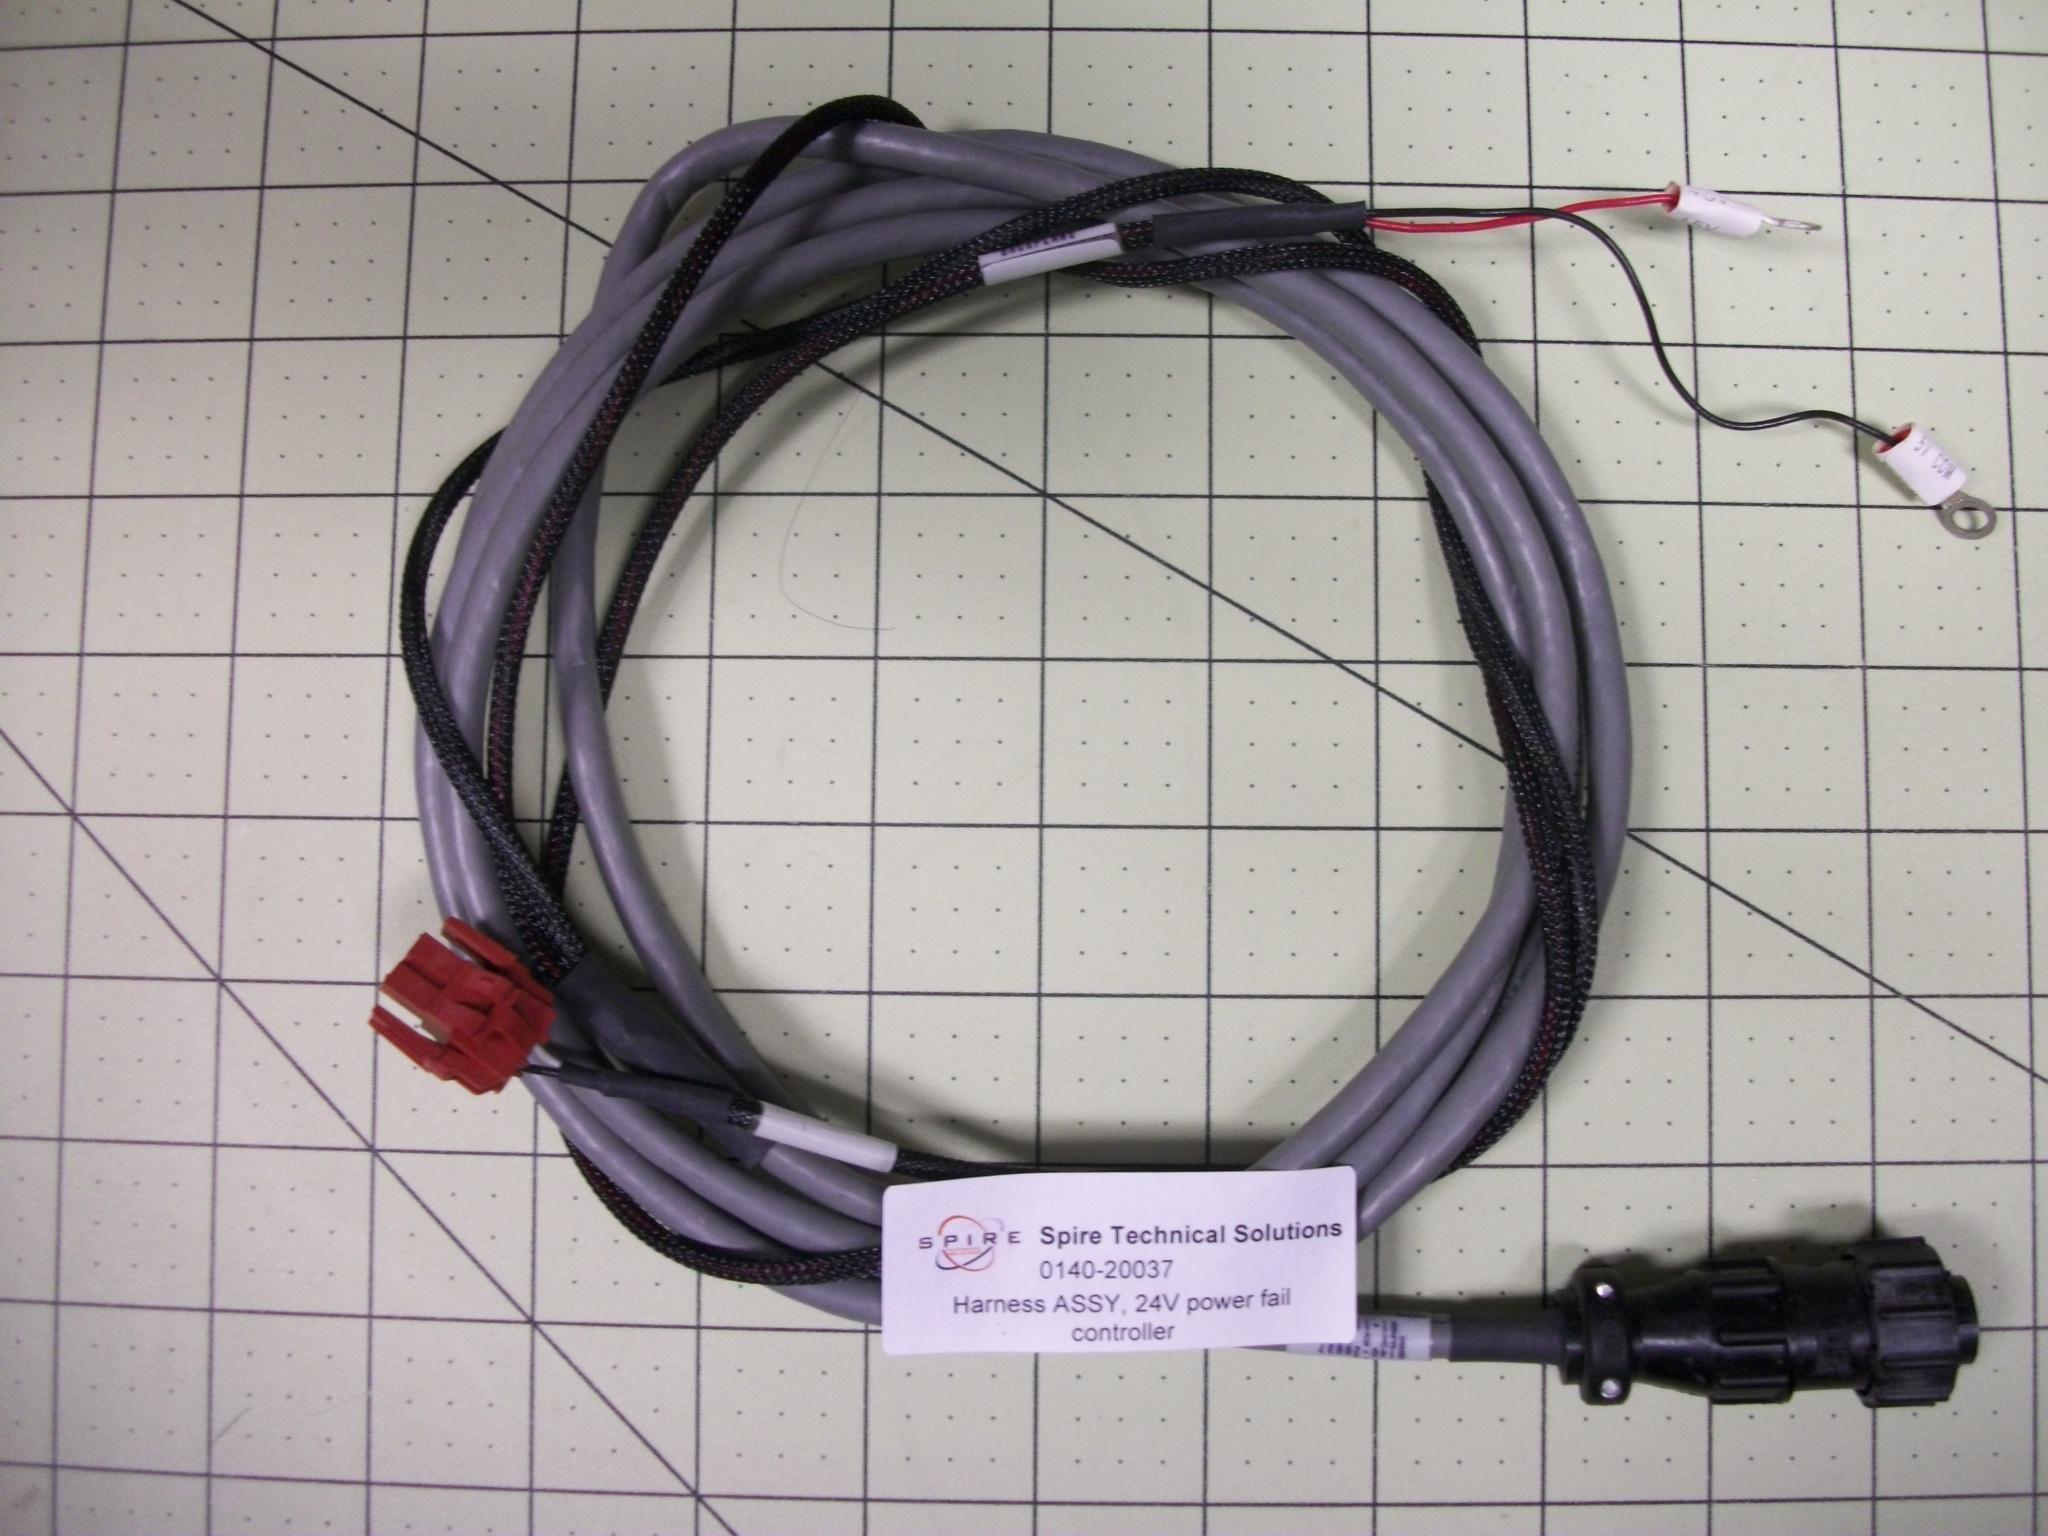 Harness ASSY, 24V power fail